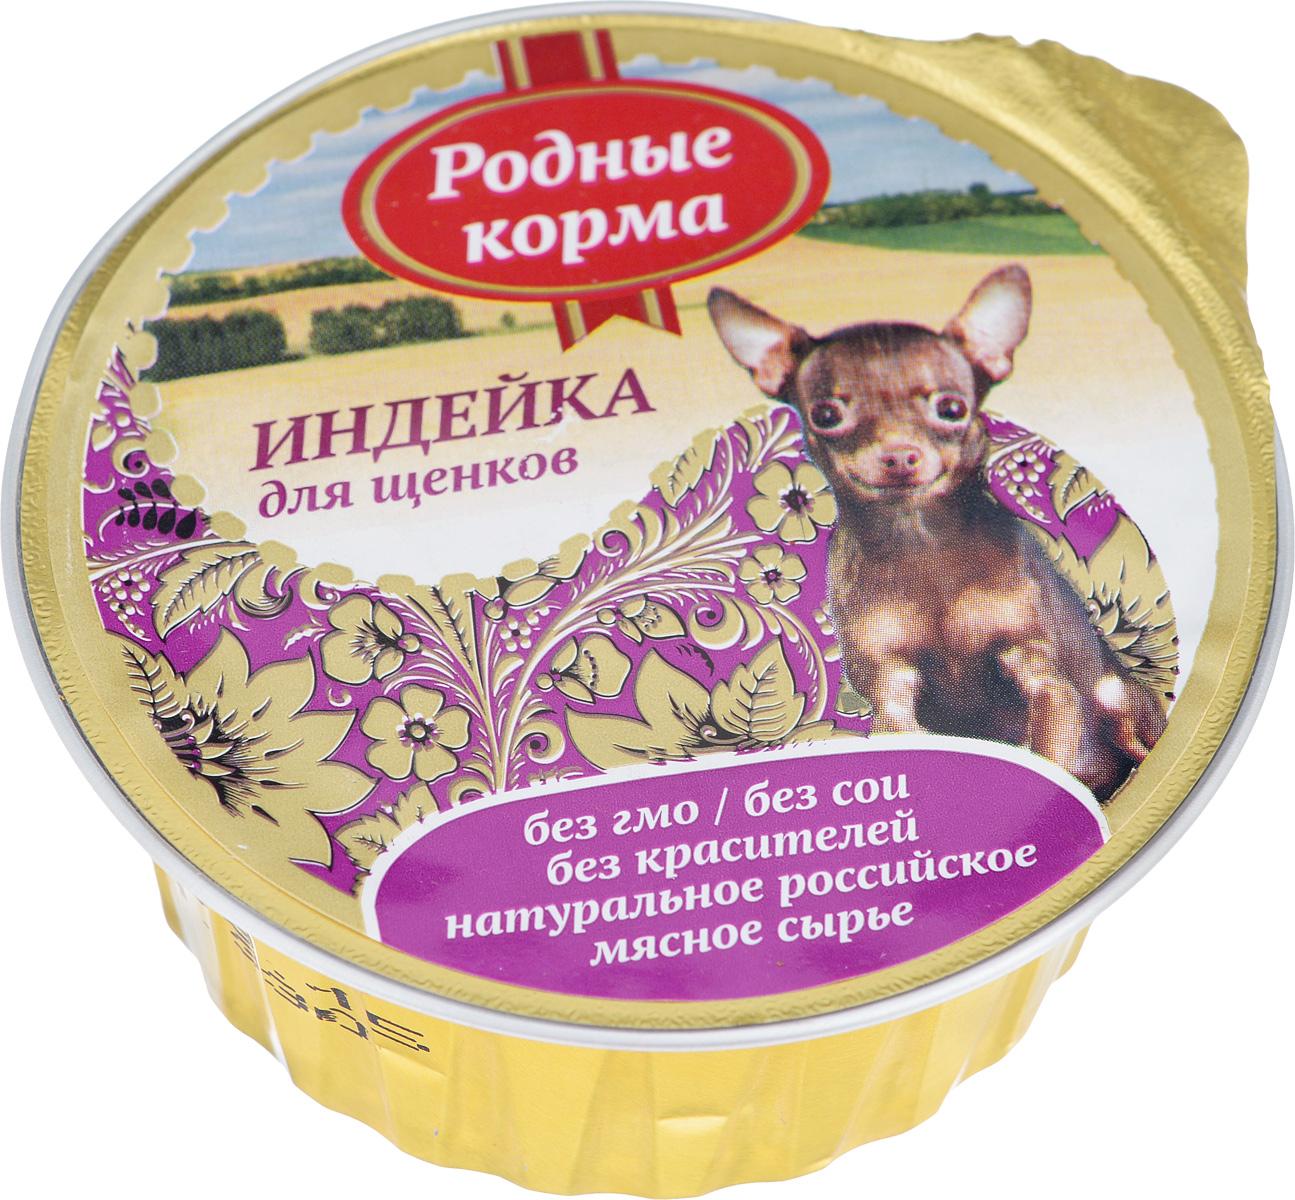 Консервы для собак Родные корма Индейка для щенков, 125 г корм родные корма индейка по строгановски 125г для собак 60237